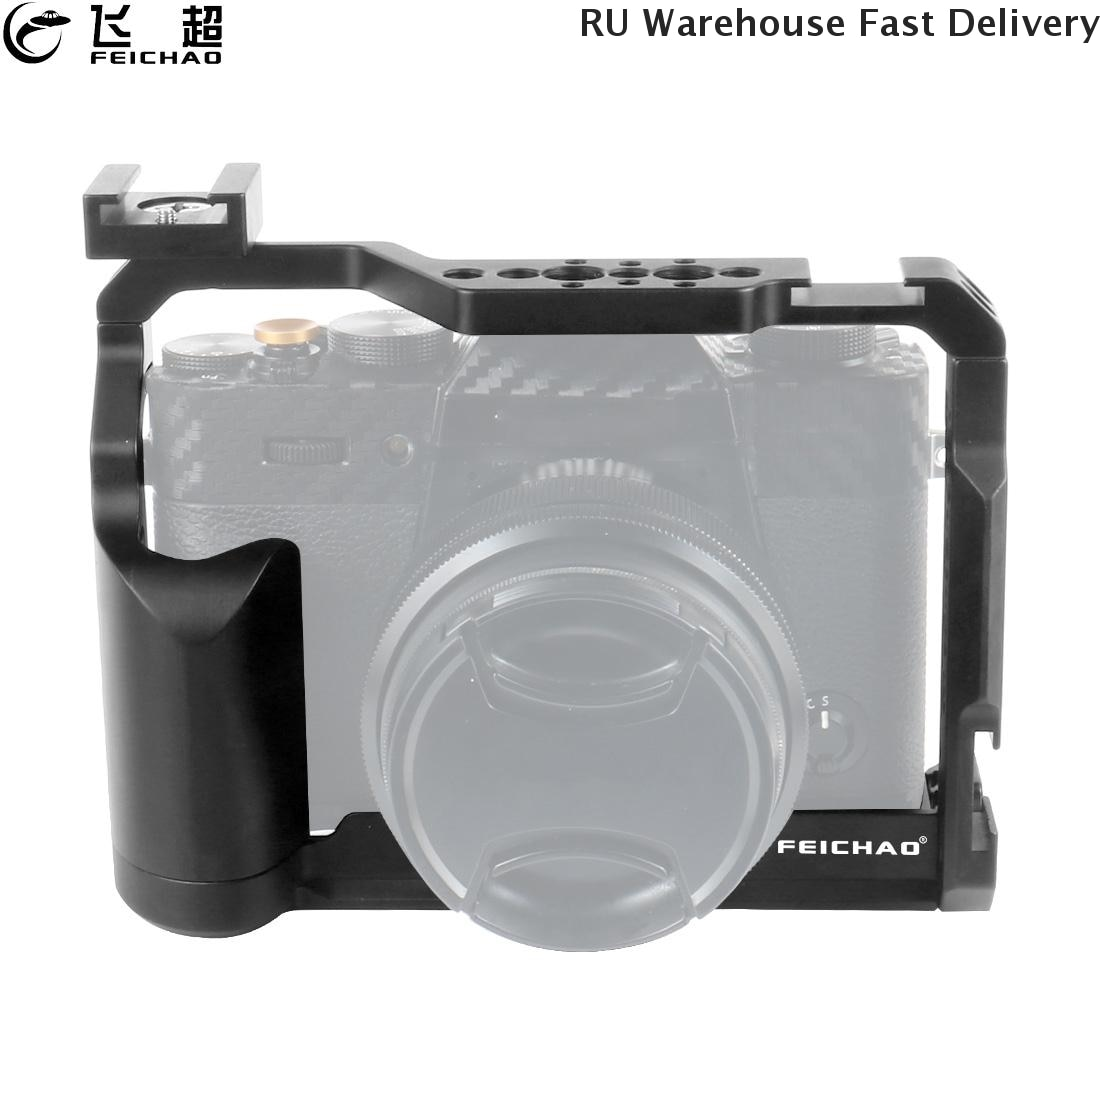 XT-20 XT-30 كاميرا قفص تزوير CNC النموذج المجهزة ل فوجي فيلم XT20 XT30 فيديو DSLR واقية إطار 1/4 3/8 الباردة حذاء w كابل المشبك